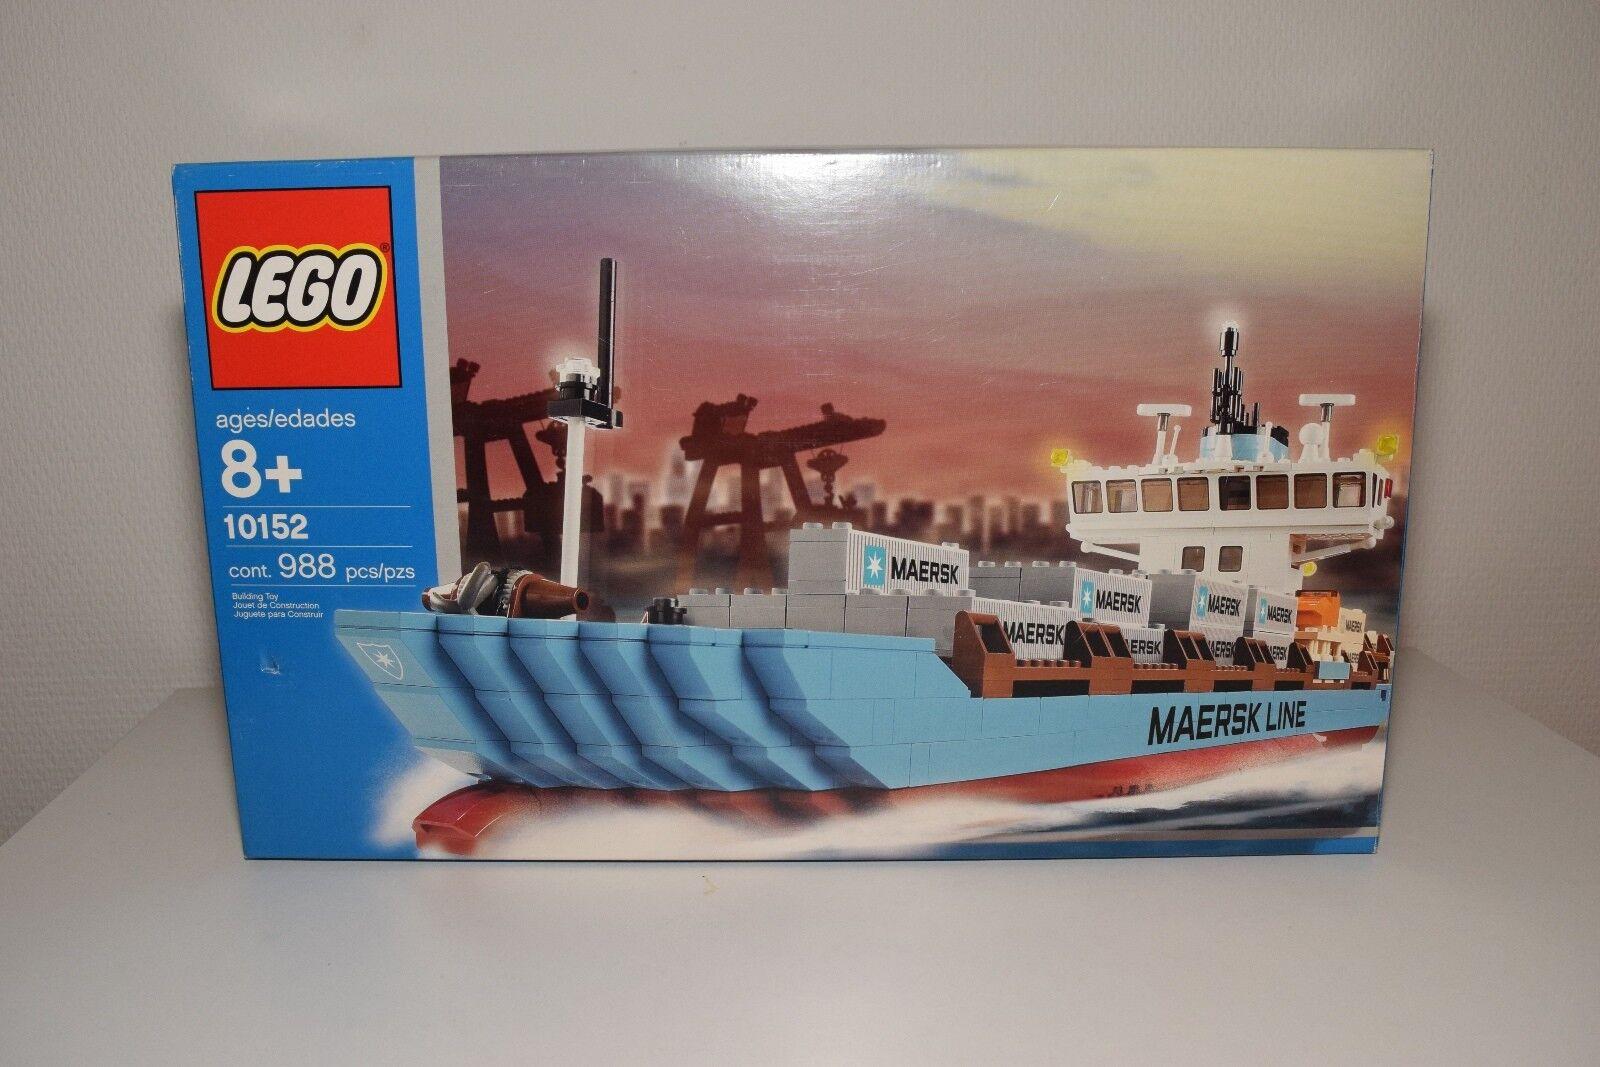 compras en linea LEGO 2 MAERSK SEALAND SEALAND SEALAND LINE CONTAINER SHIP BOAT MISB RARE SELTEN  liquidación hasta el 70%